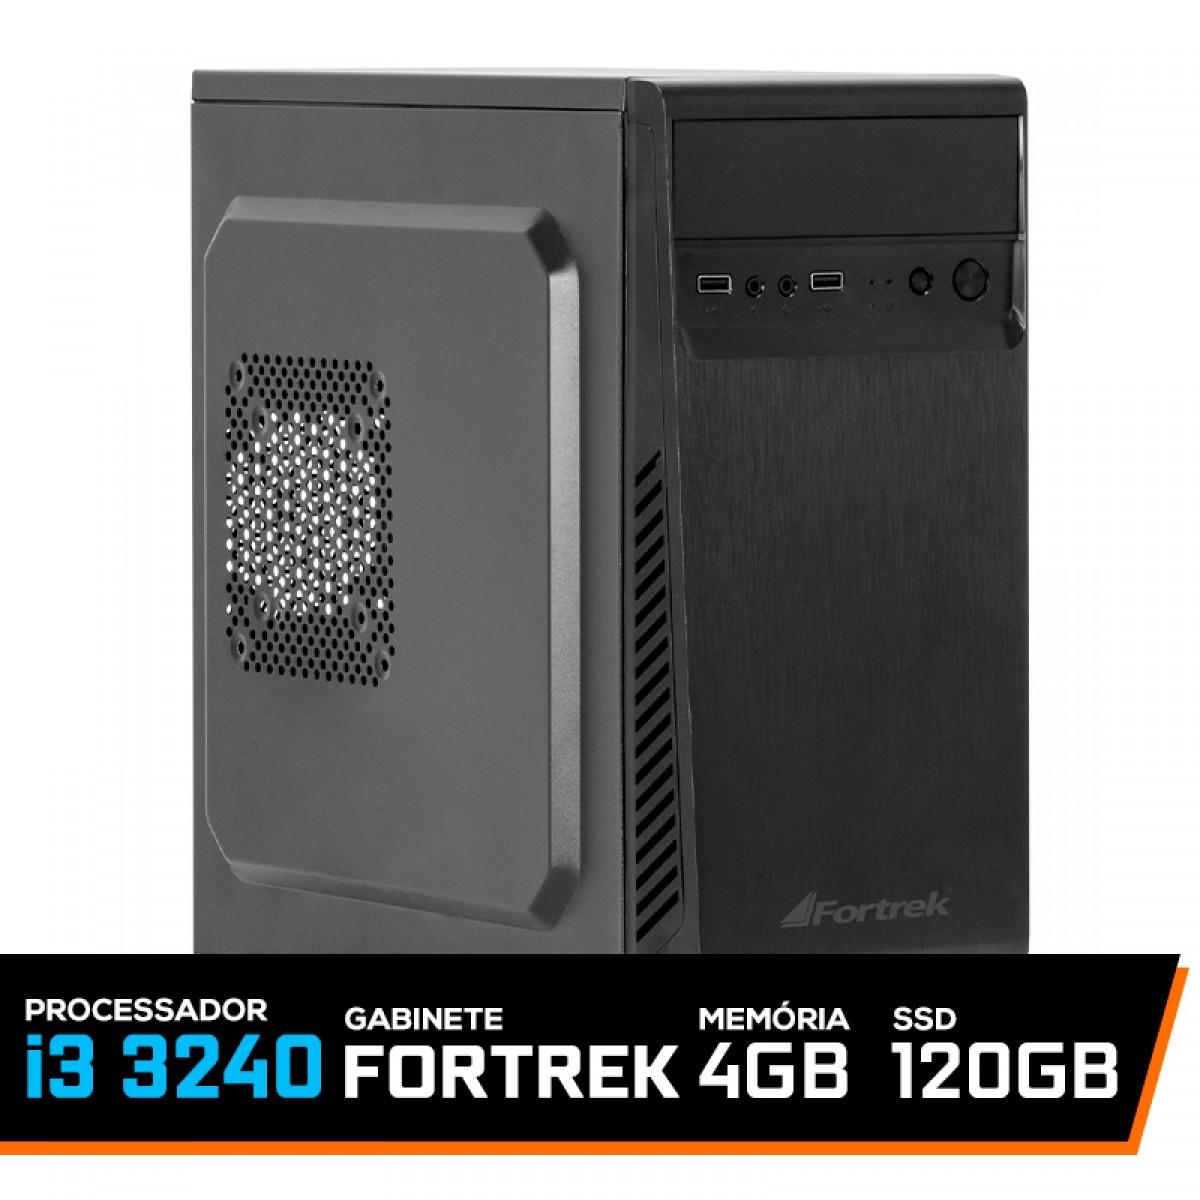 Computador T-Price LVL-3 Intel i3 3240 / 4Gb DDR3 / SSD 120GB